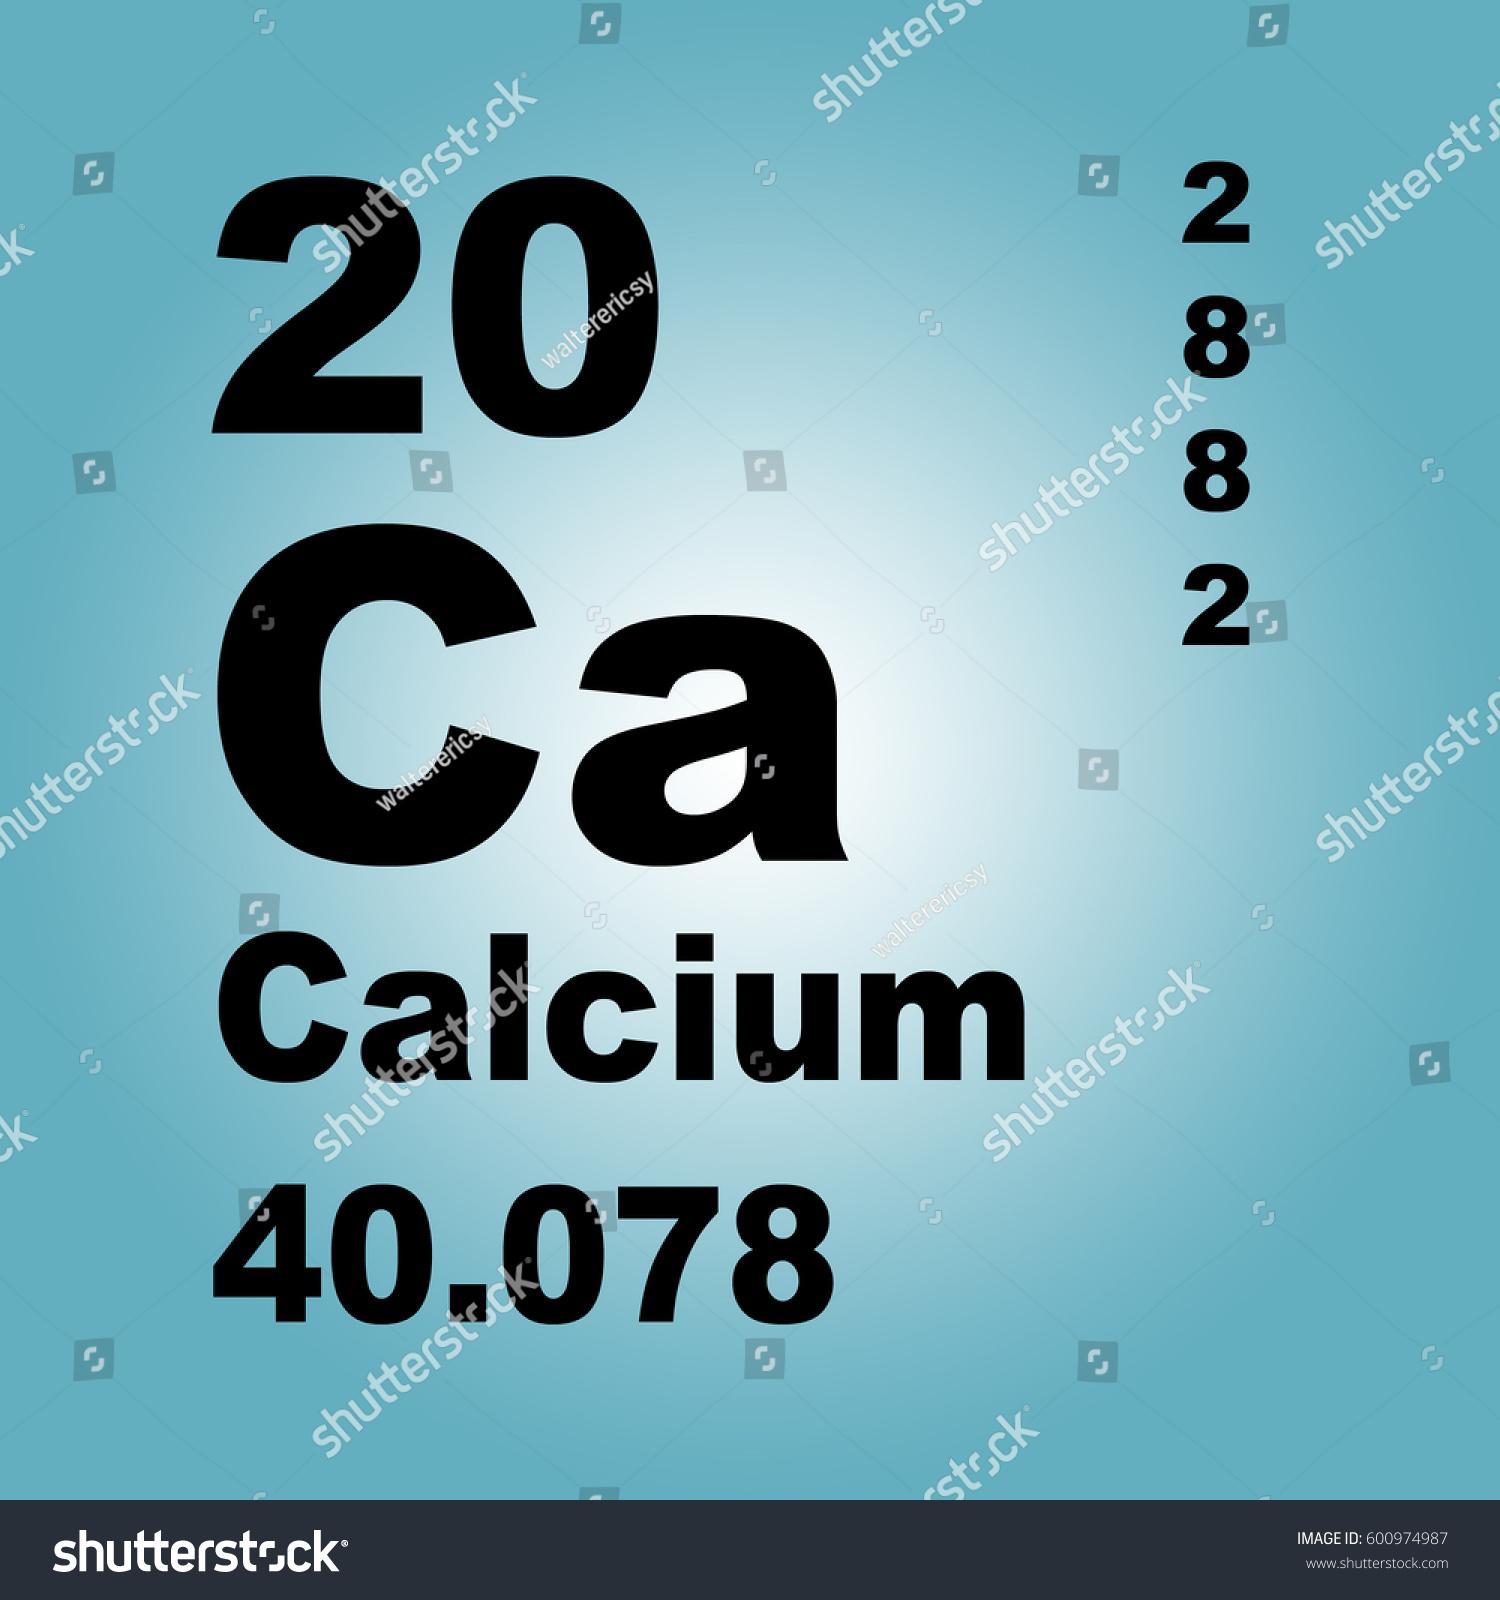 Calcium periodic table elements stock illustration 600974987 calcium periodic table of elements gamestrikefo Images